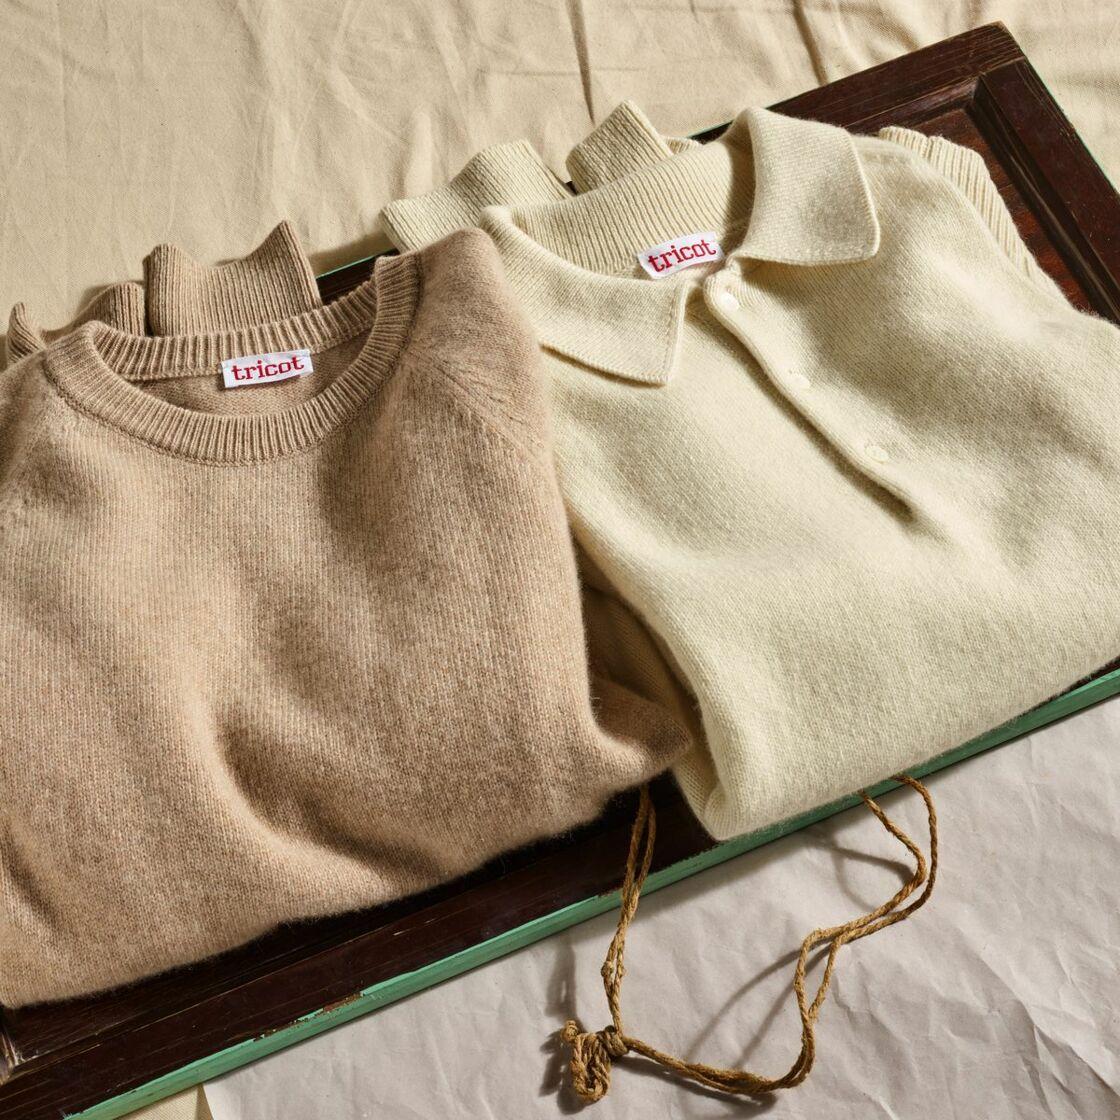 Personnalisables et fabriqués dans du cachemire recyclés, les pull et polo à manches raglan sont devenus des intemporels de l'hiver. A partir de 149 €